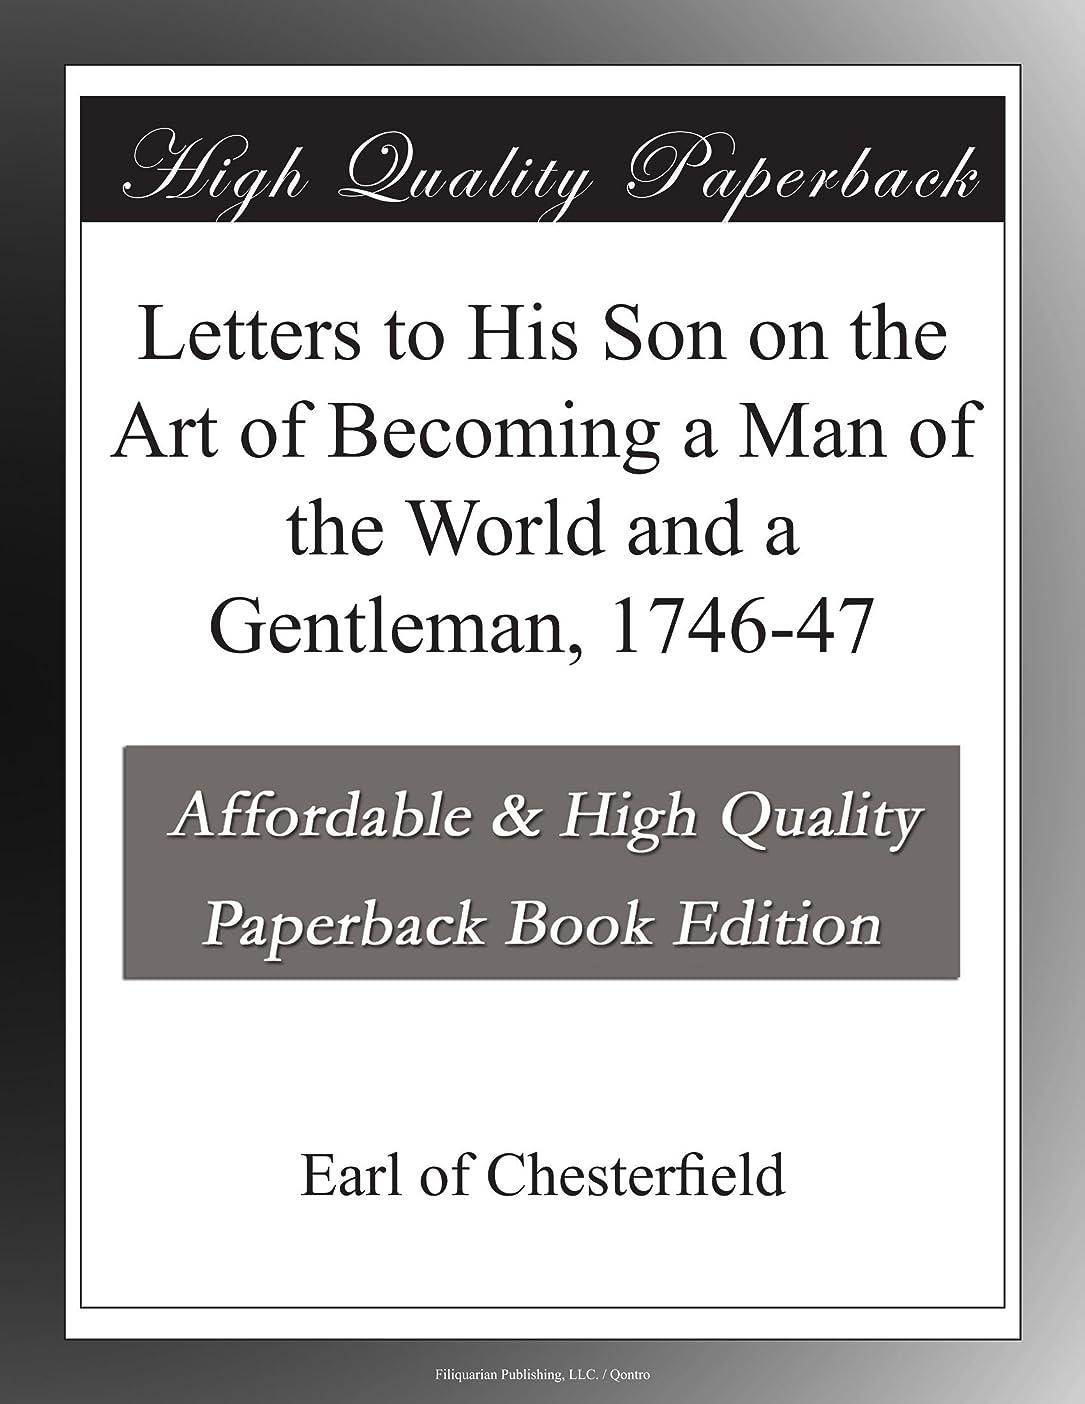 差別する探す切り下げLetters to His Son on the Art of Becoming a Man of the World and a Gentleman, 1746-47